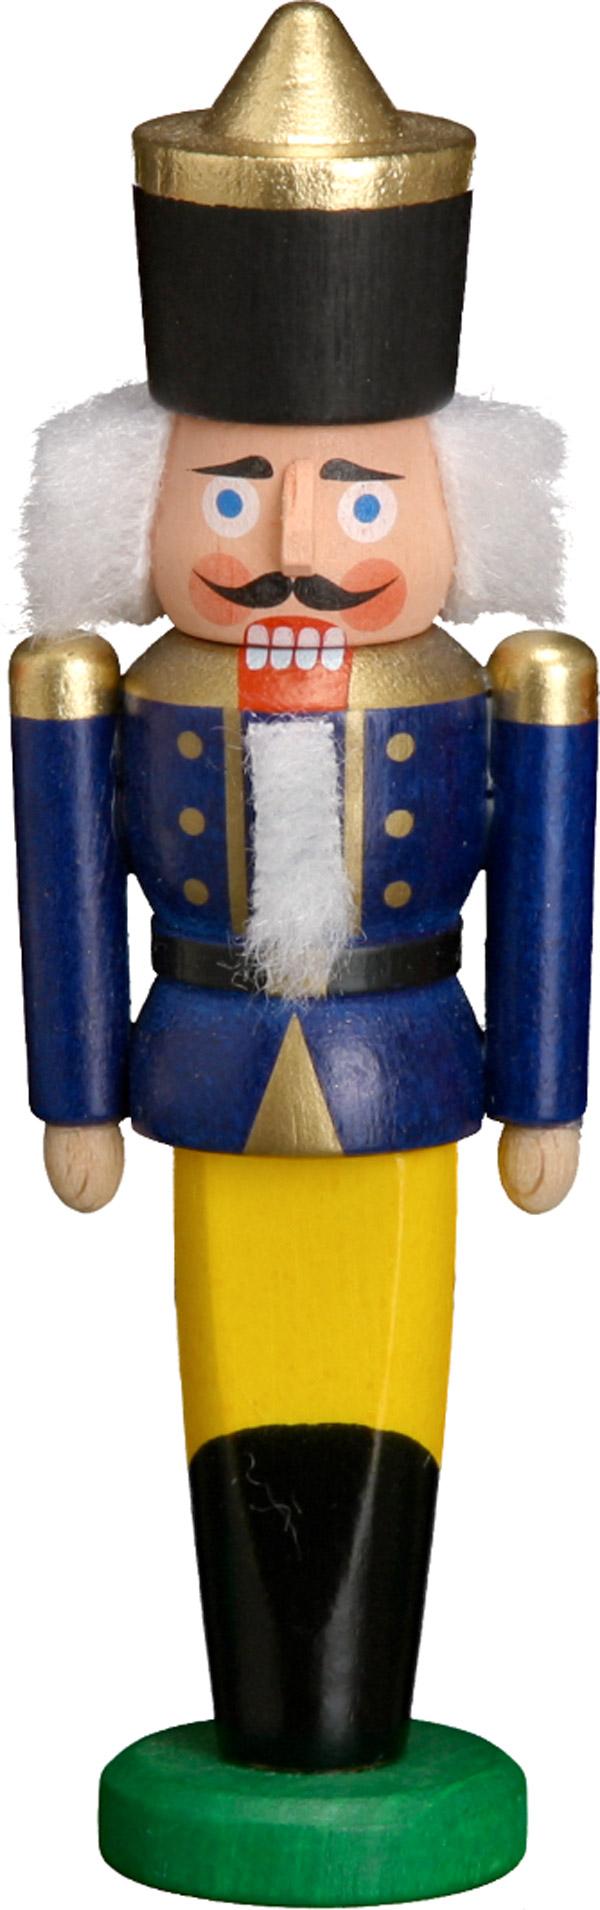 Nussknacker Behang König blau